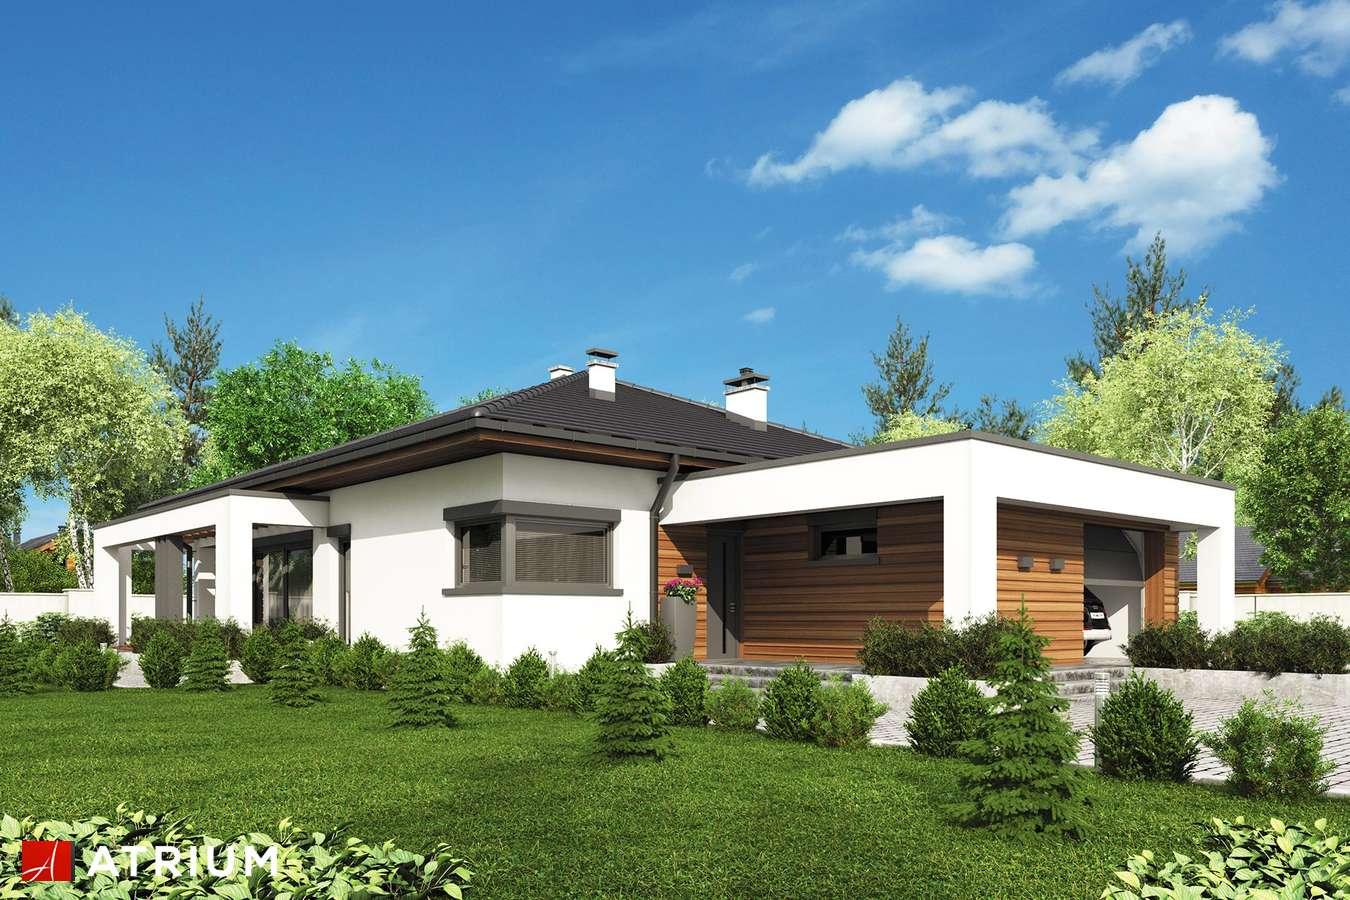 Projekty domów - Projekt domu parterowego SARDYNIA XI - wizualizacja 1